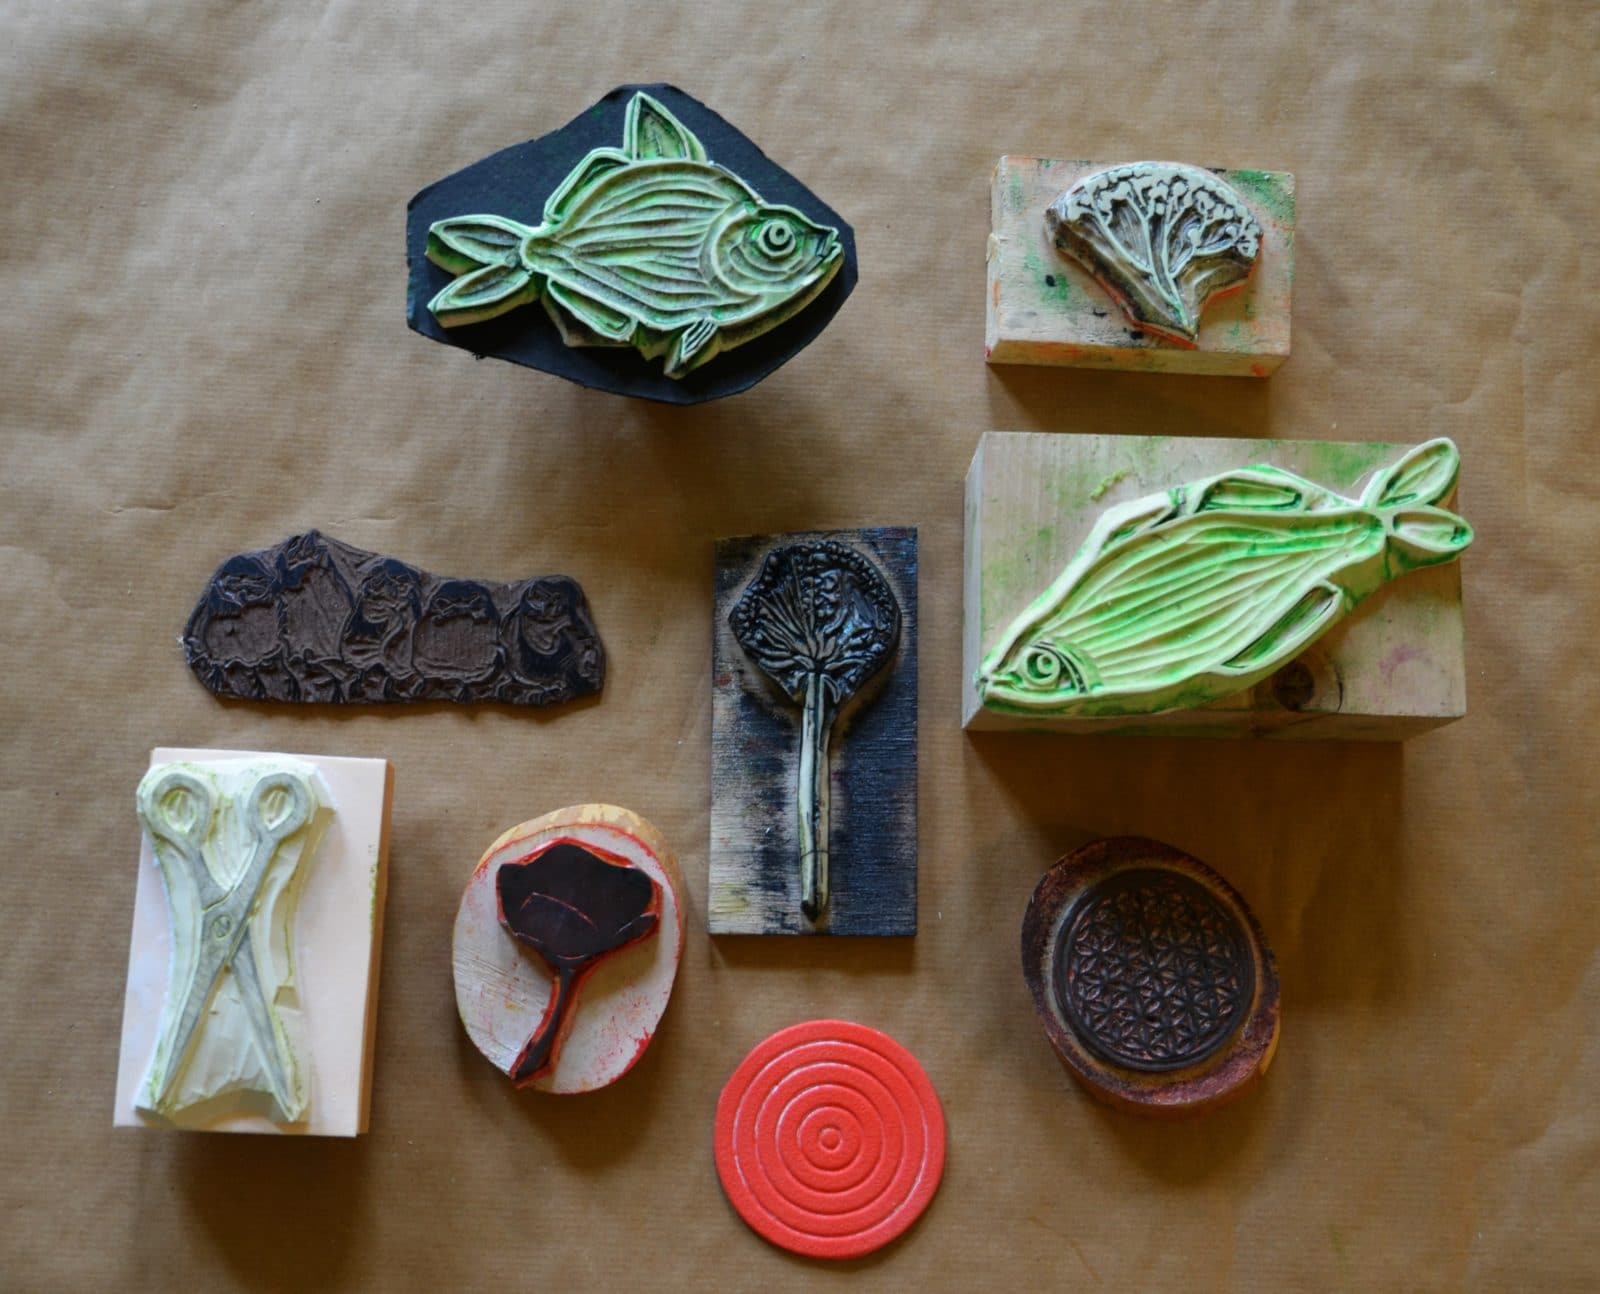 Stempel Aus:   Linolplatte   Moosgummi   Printblock   Alltagsgegenständen  (Glasuntersetzer)